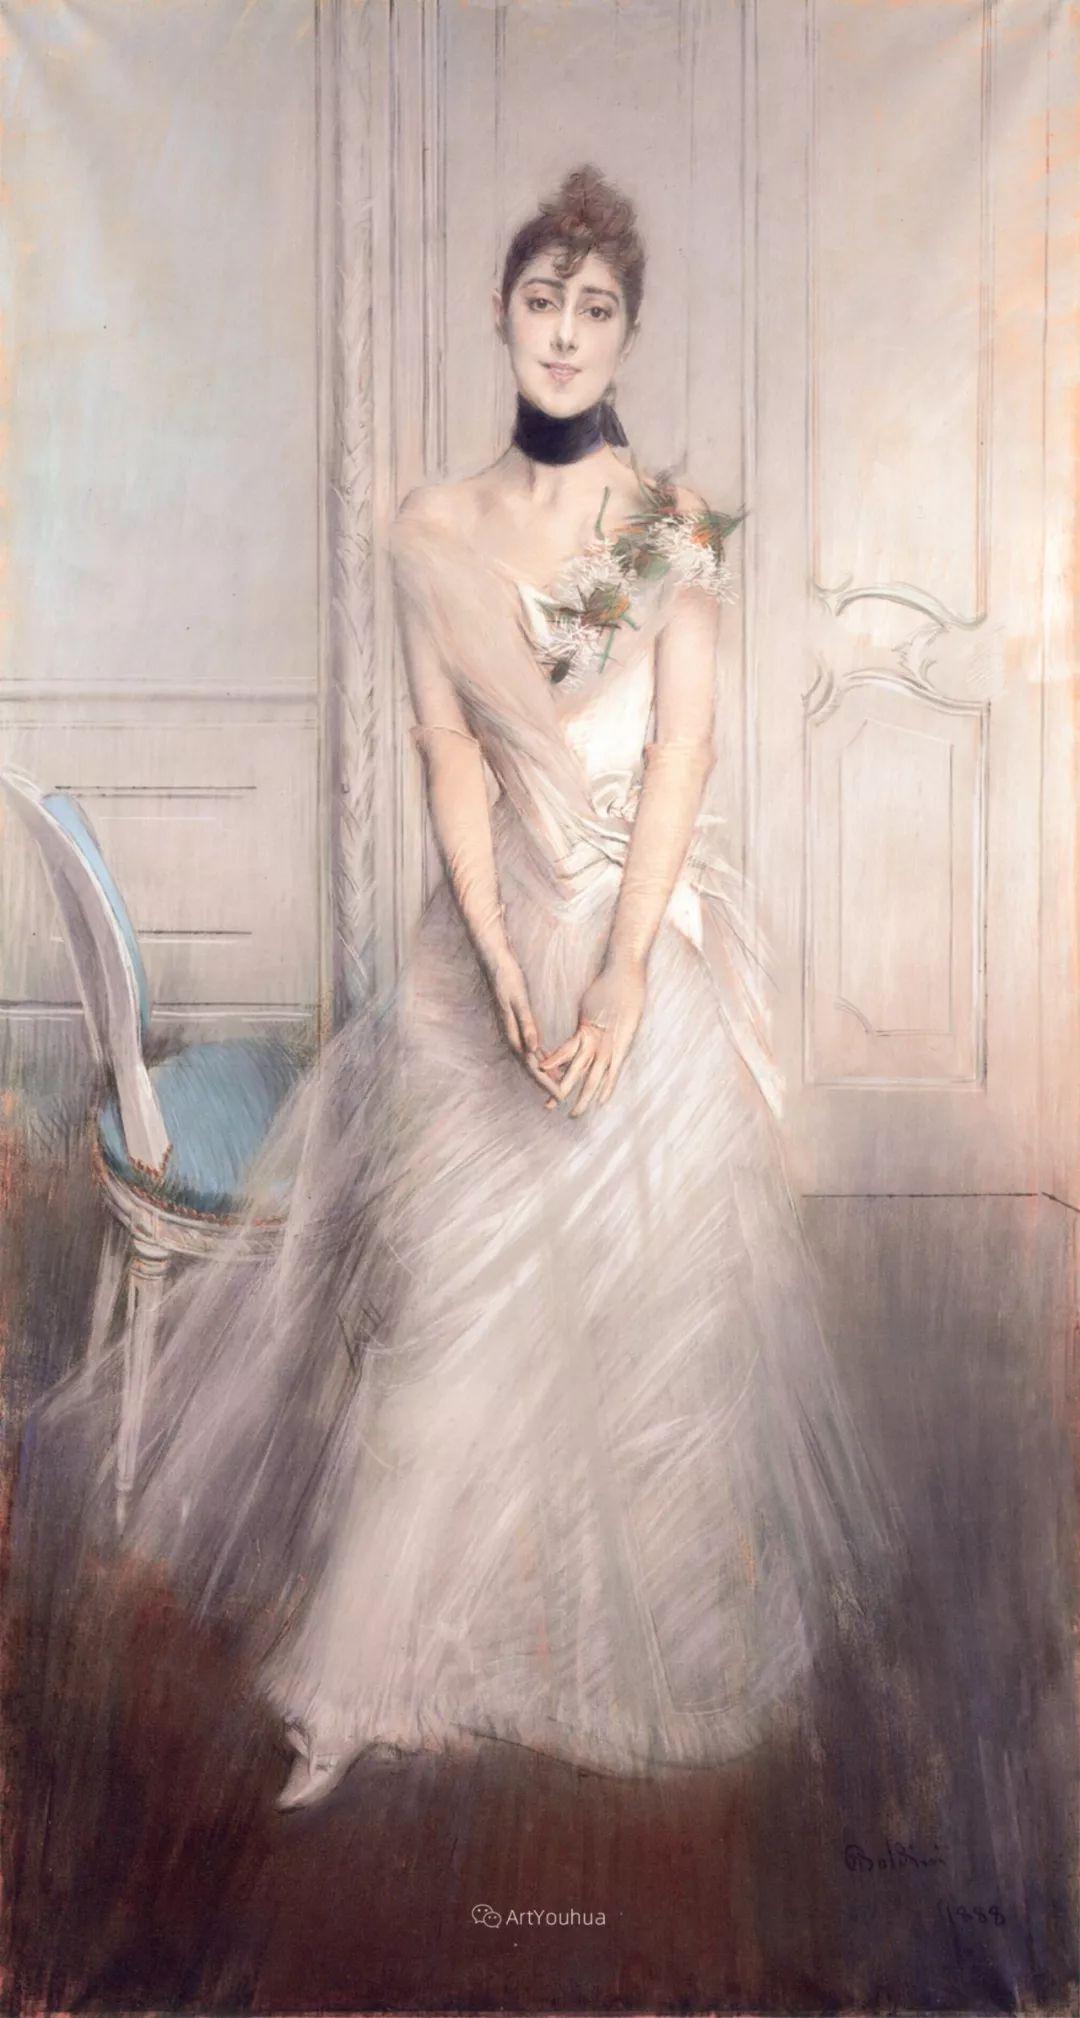 两种不同画风的美女,你喜欢哪一种!意大利画家Giovanni Boldini作品集插图50